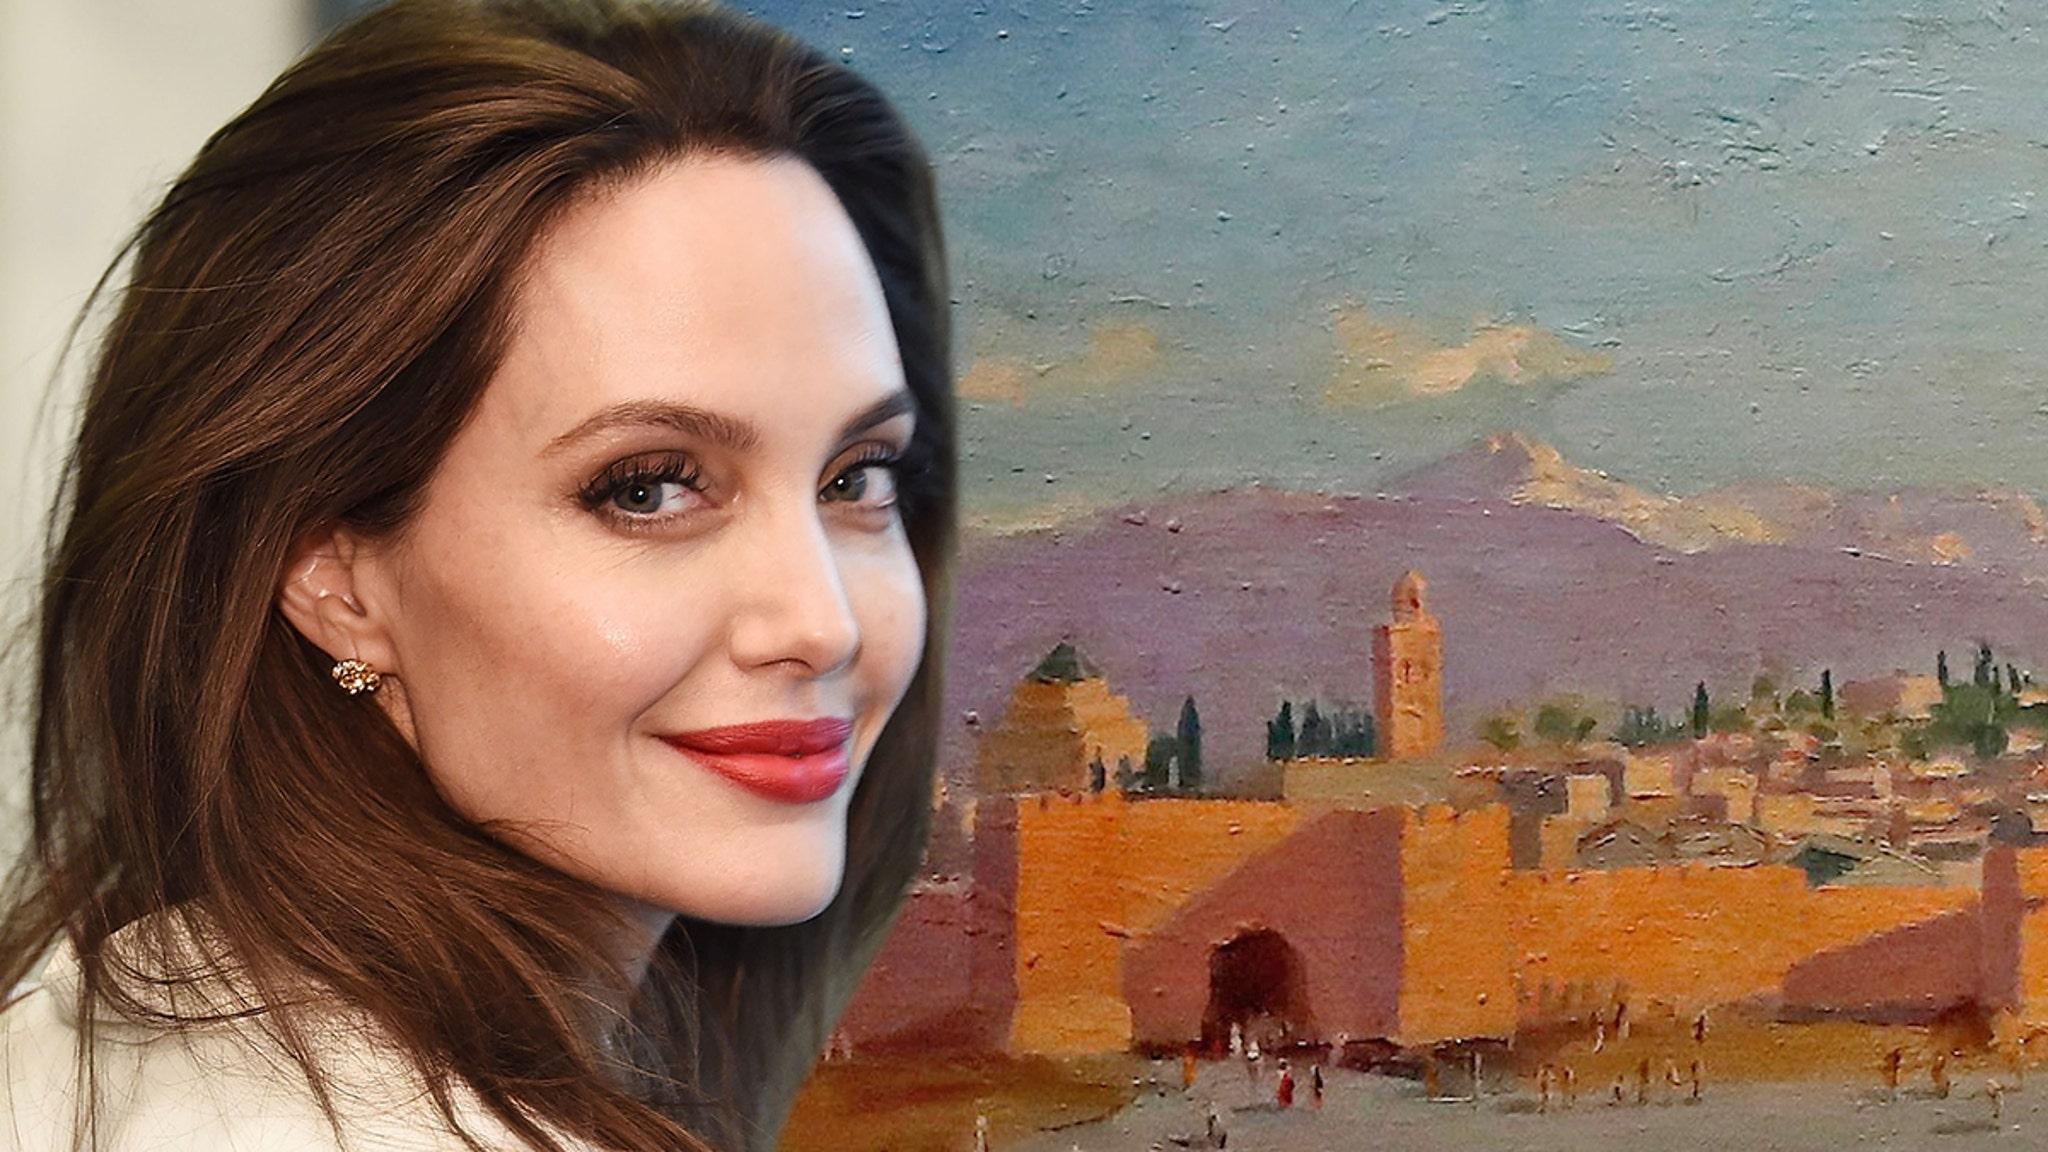 Картина Анджелины Джоли Уинстона Черчилля продана за 11,5 миллиона долларов